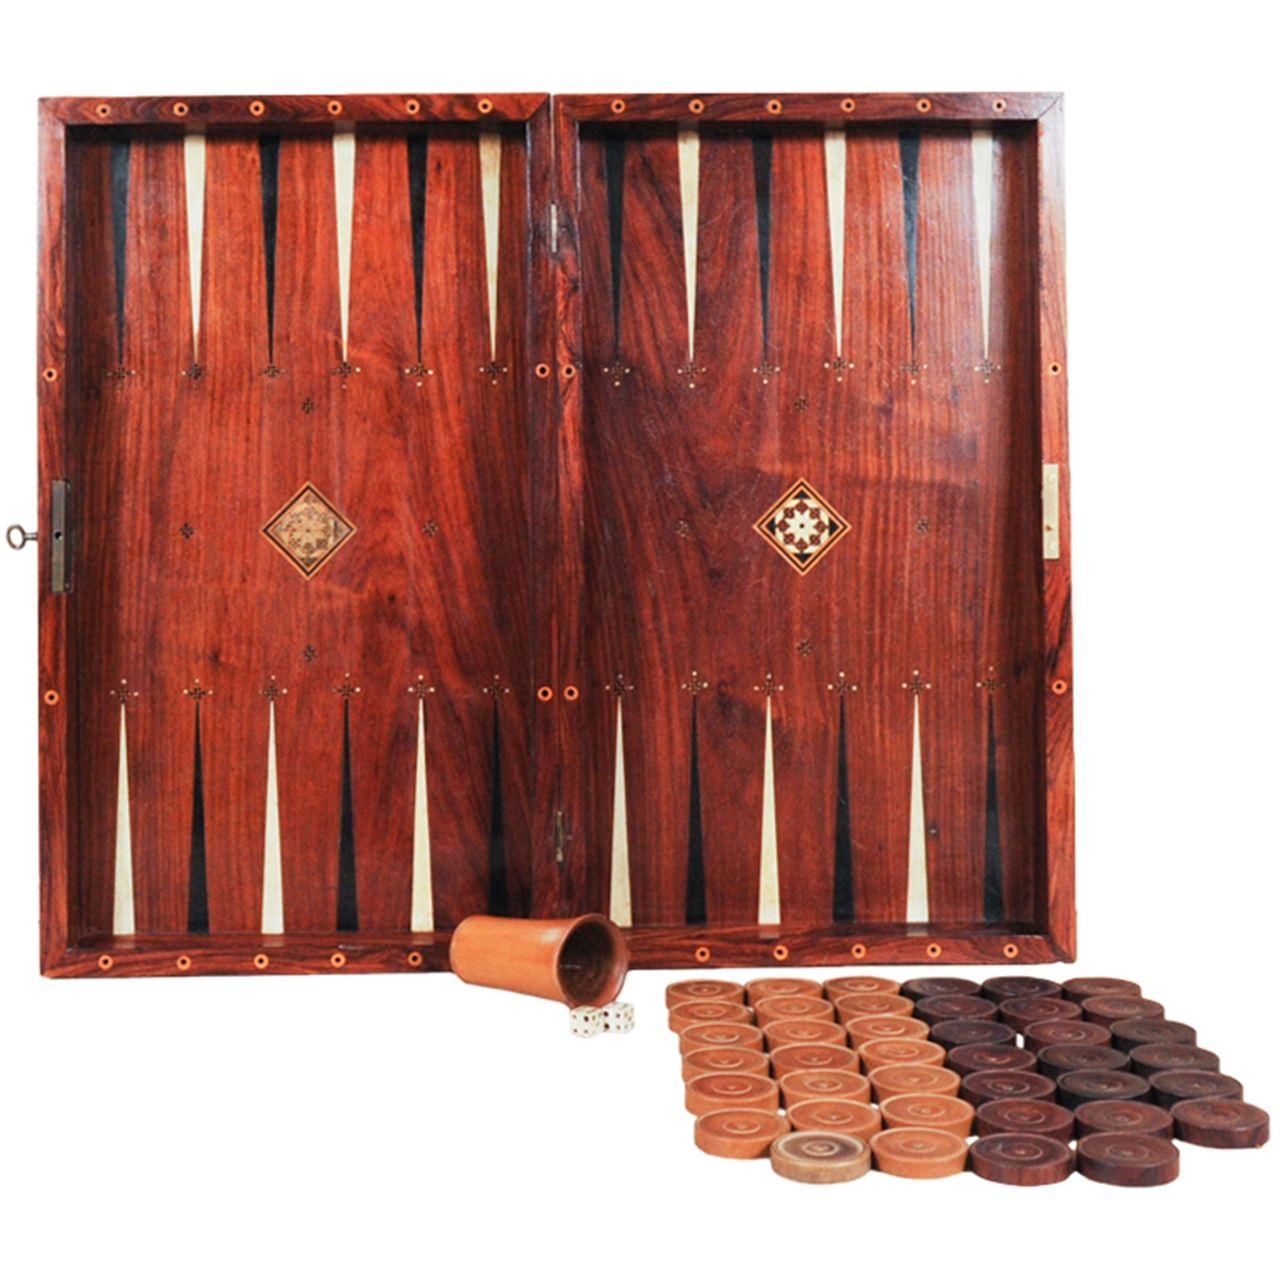 18th Century Backgammon Board of rosewood and mahogany